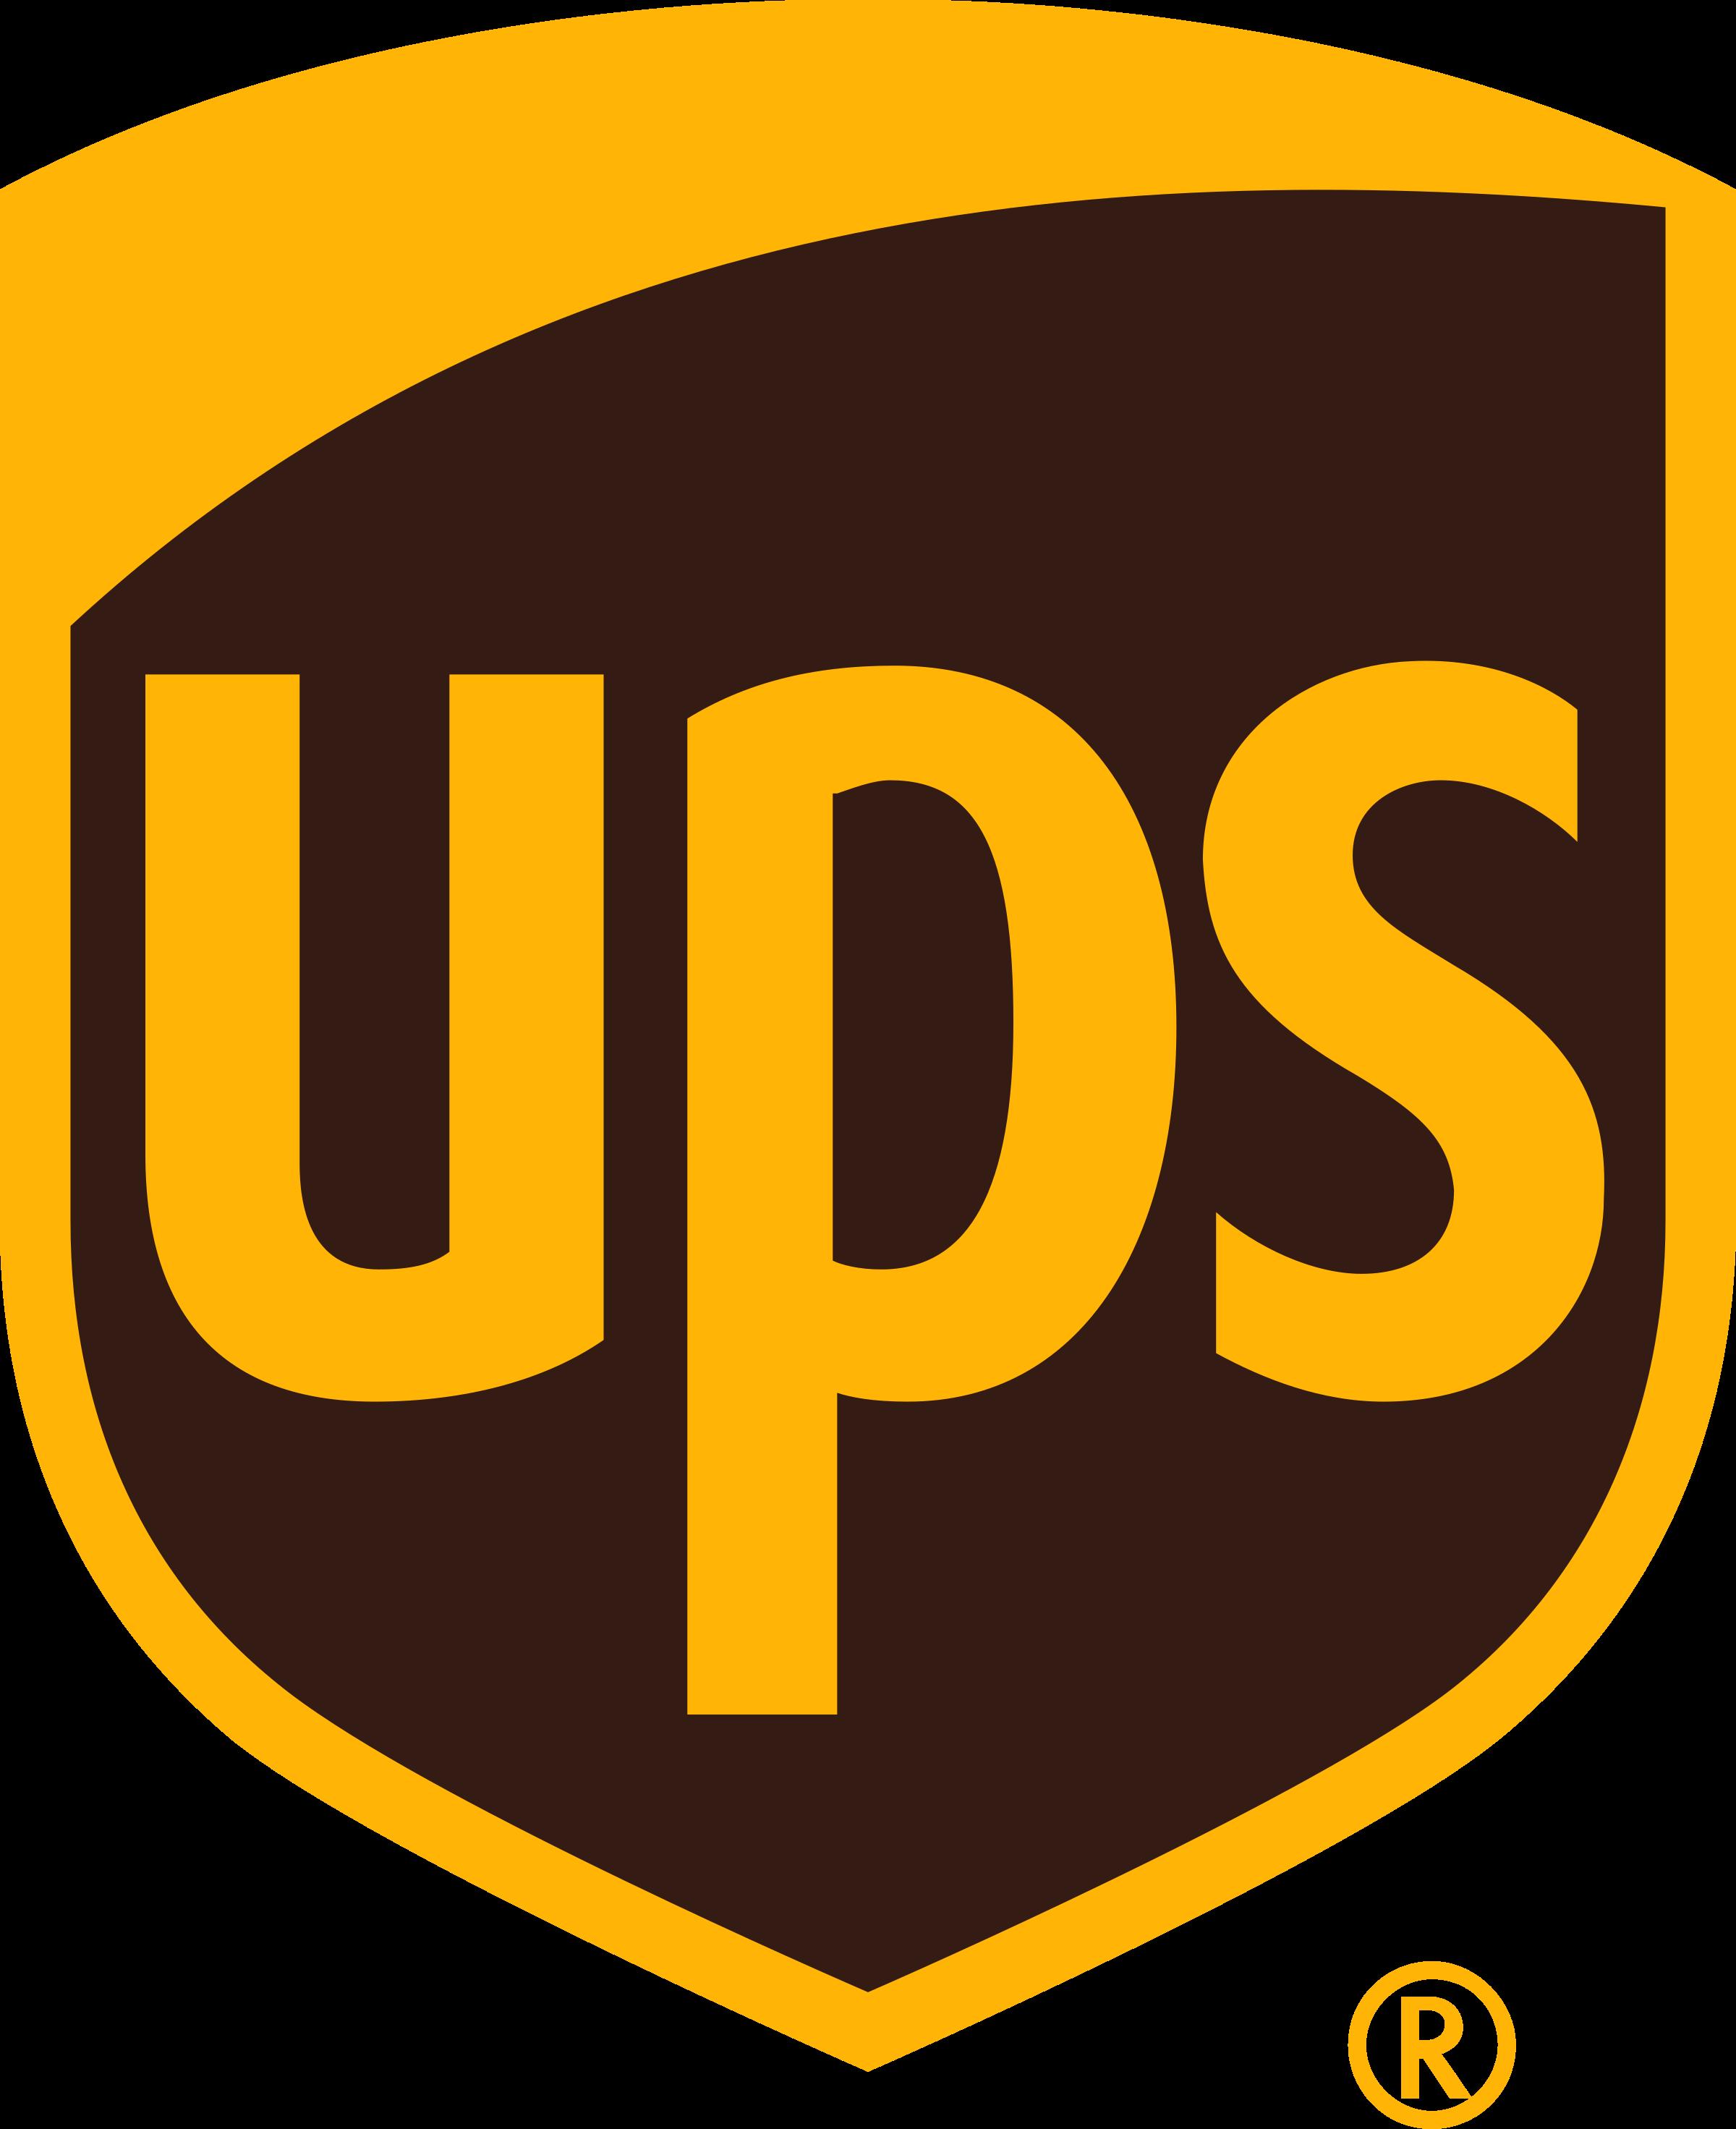 ups-logo-png-transparent[1]